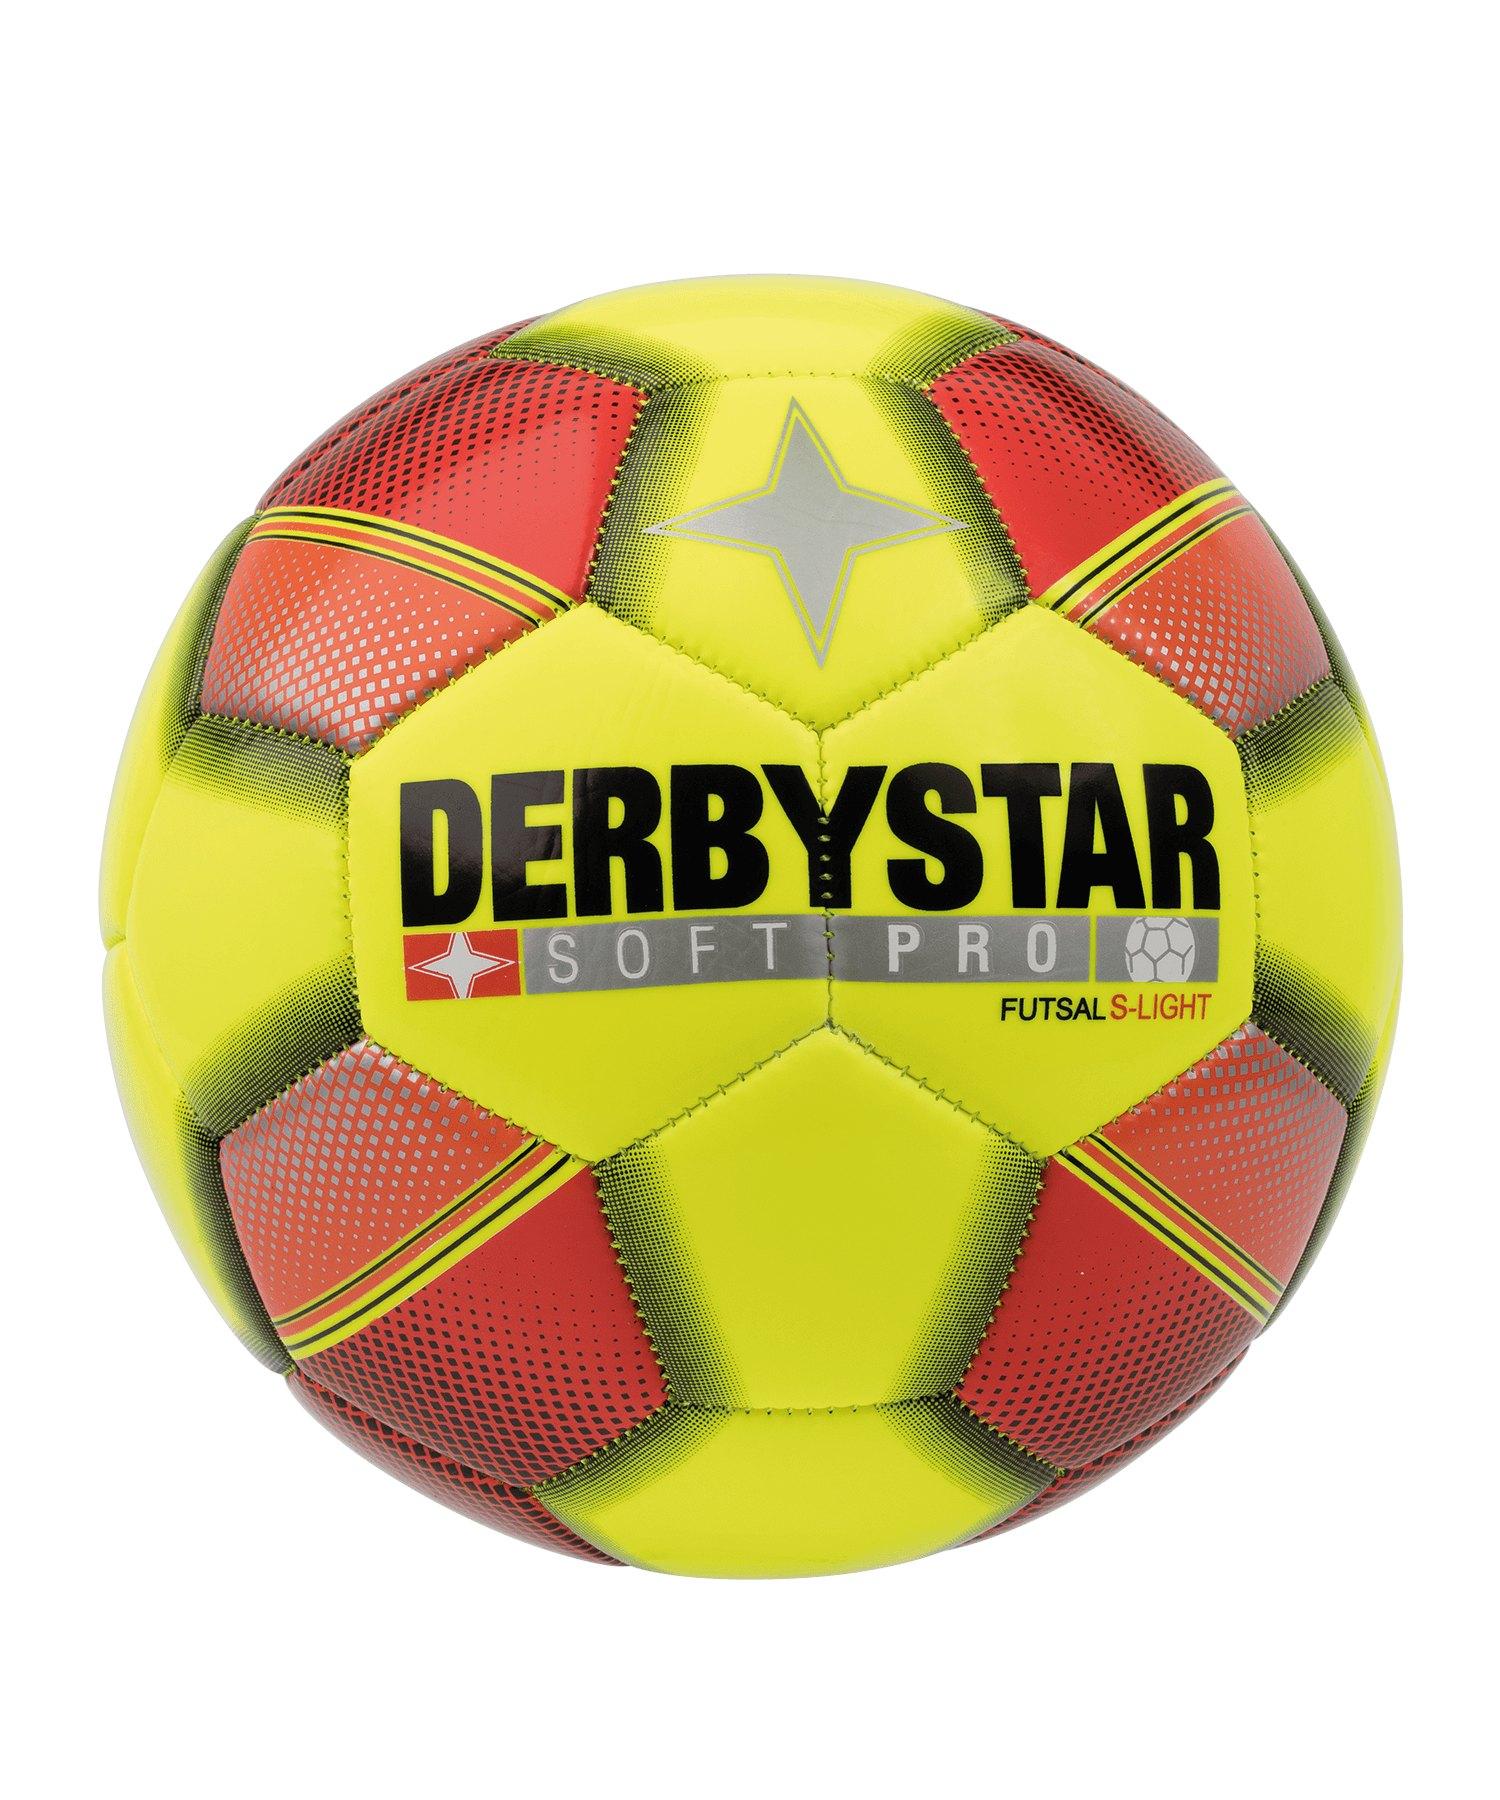 Derbystar Futsal Soft Pro S-Light Fussball F533 - gelb